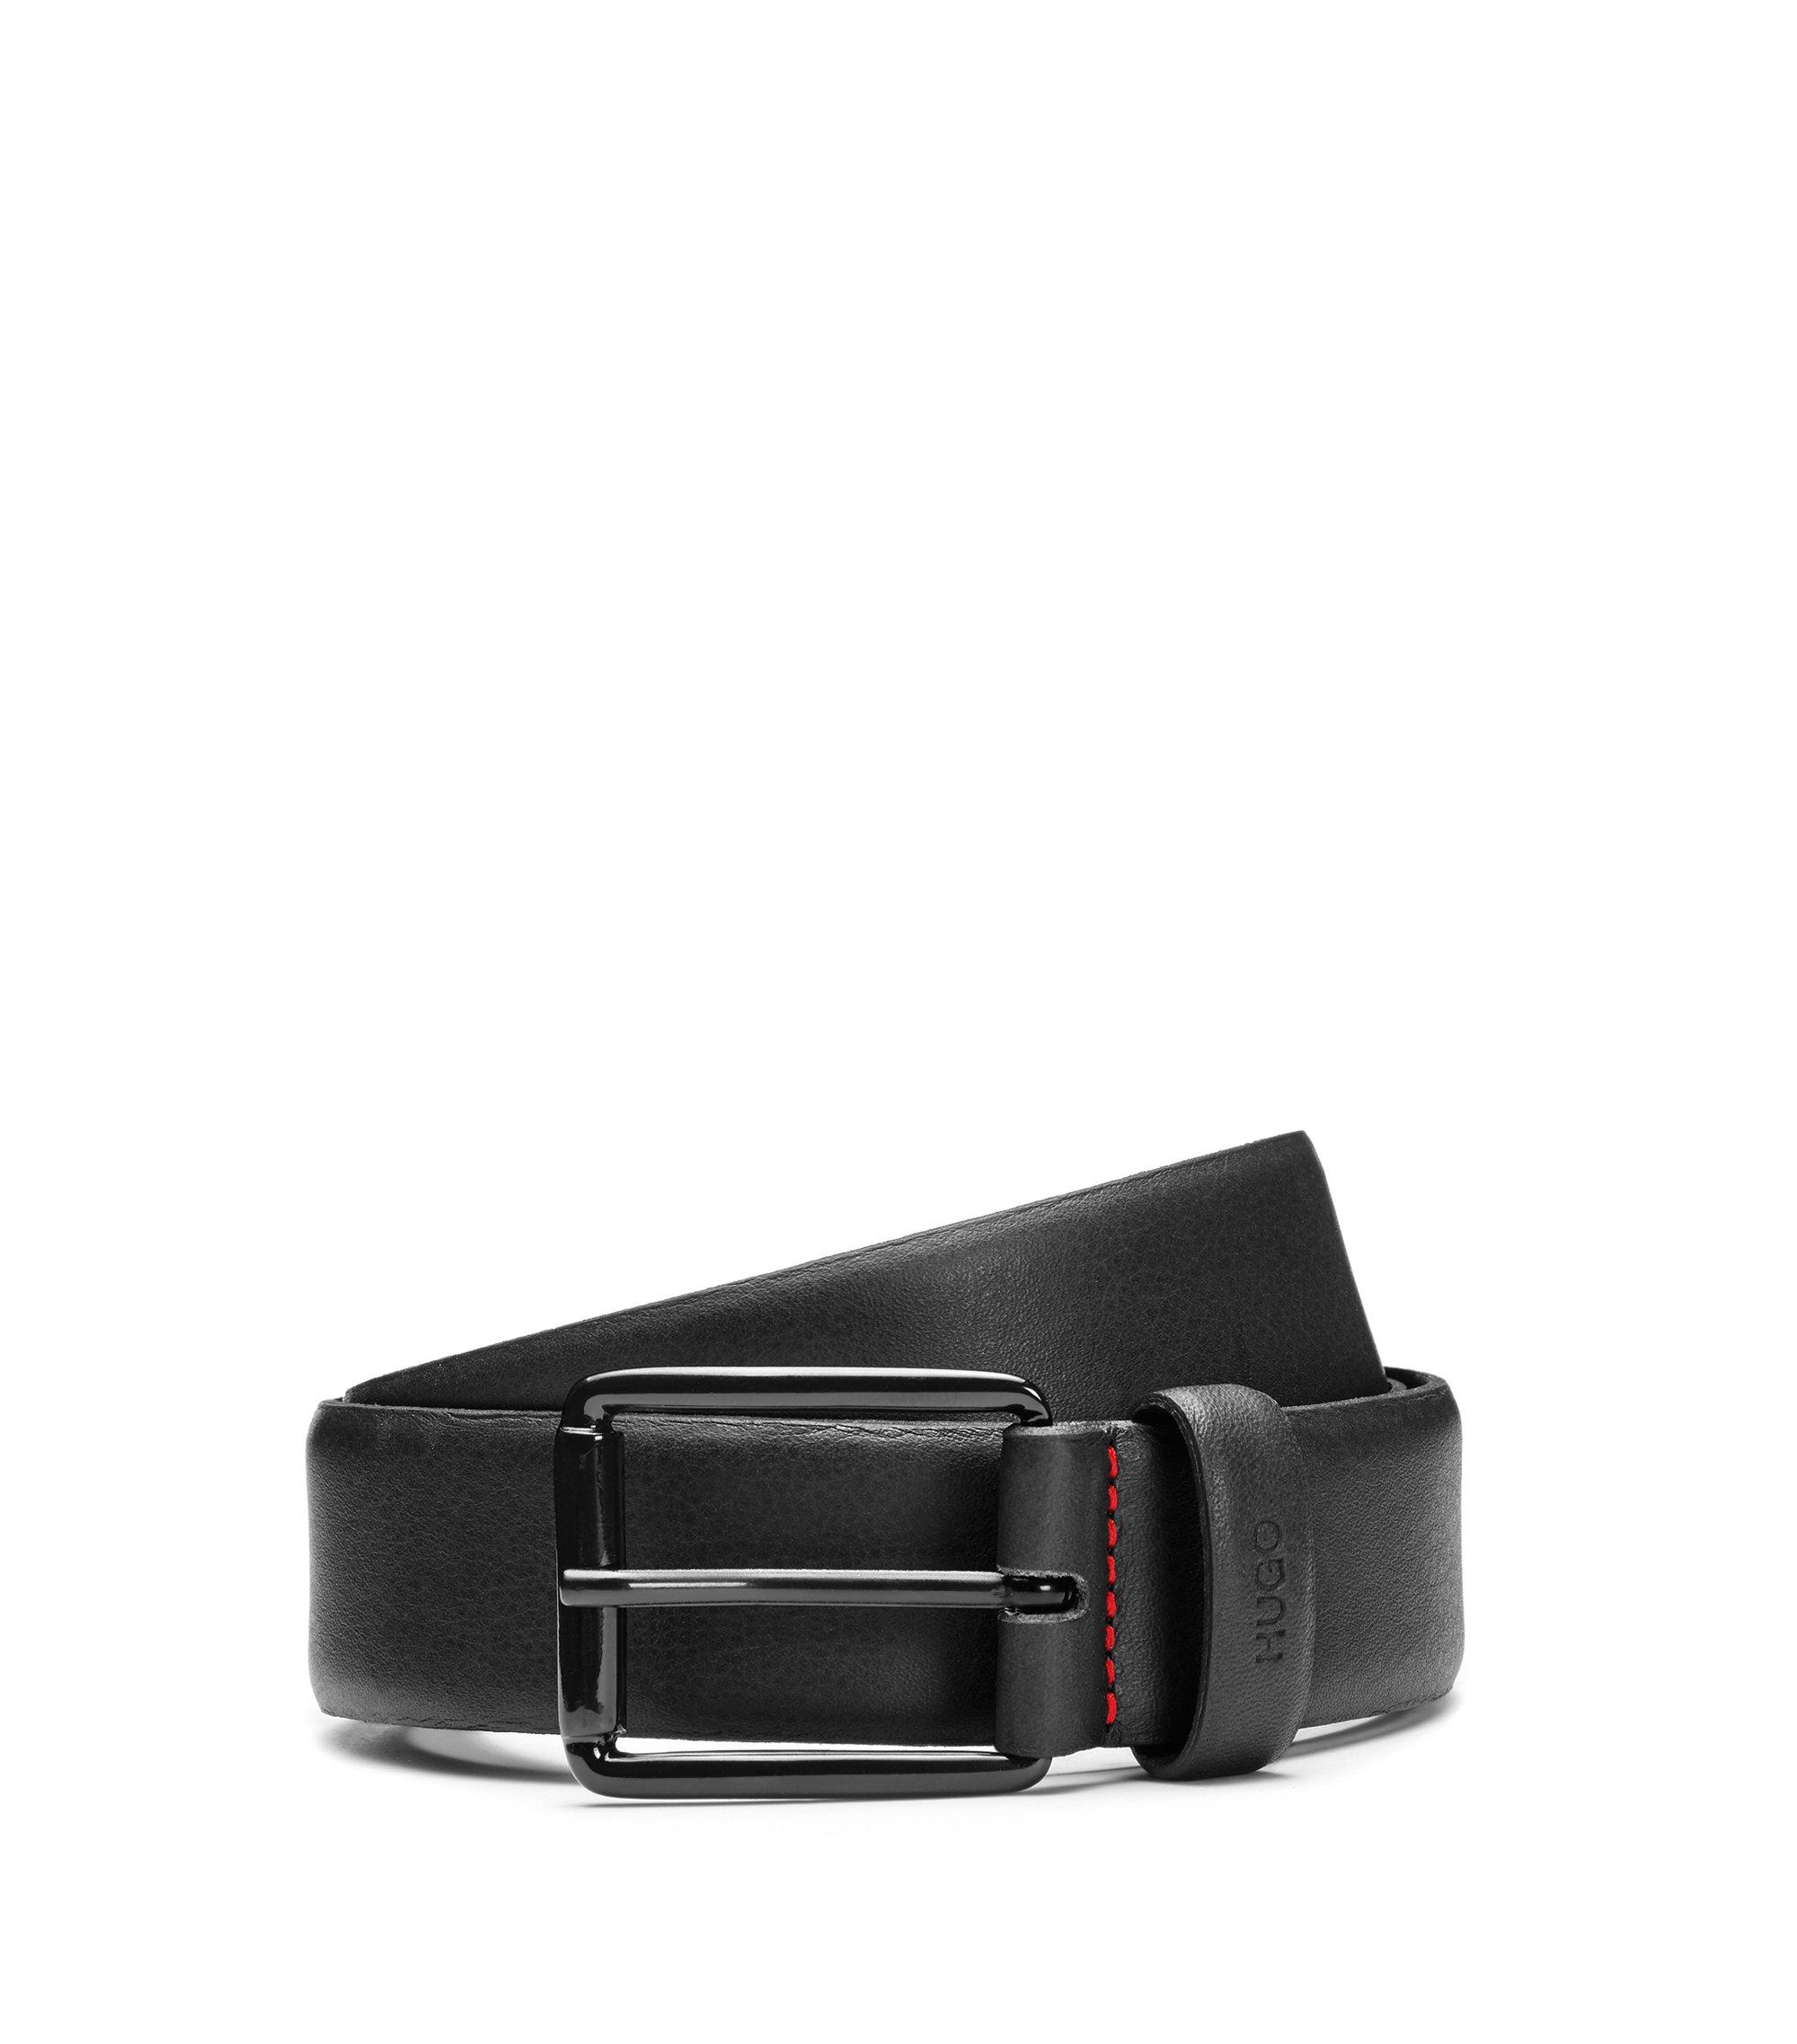 Cinturón de piel grabada con hebilla negra barnizada, Negro